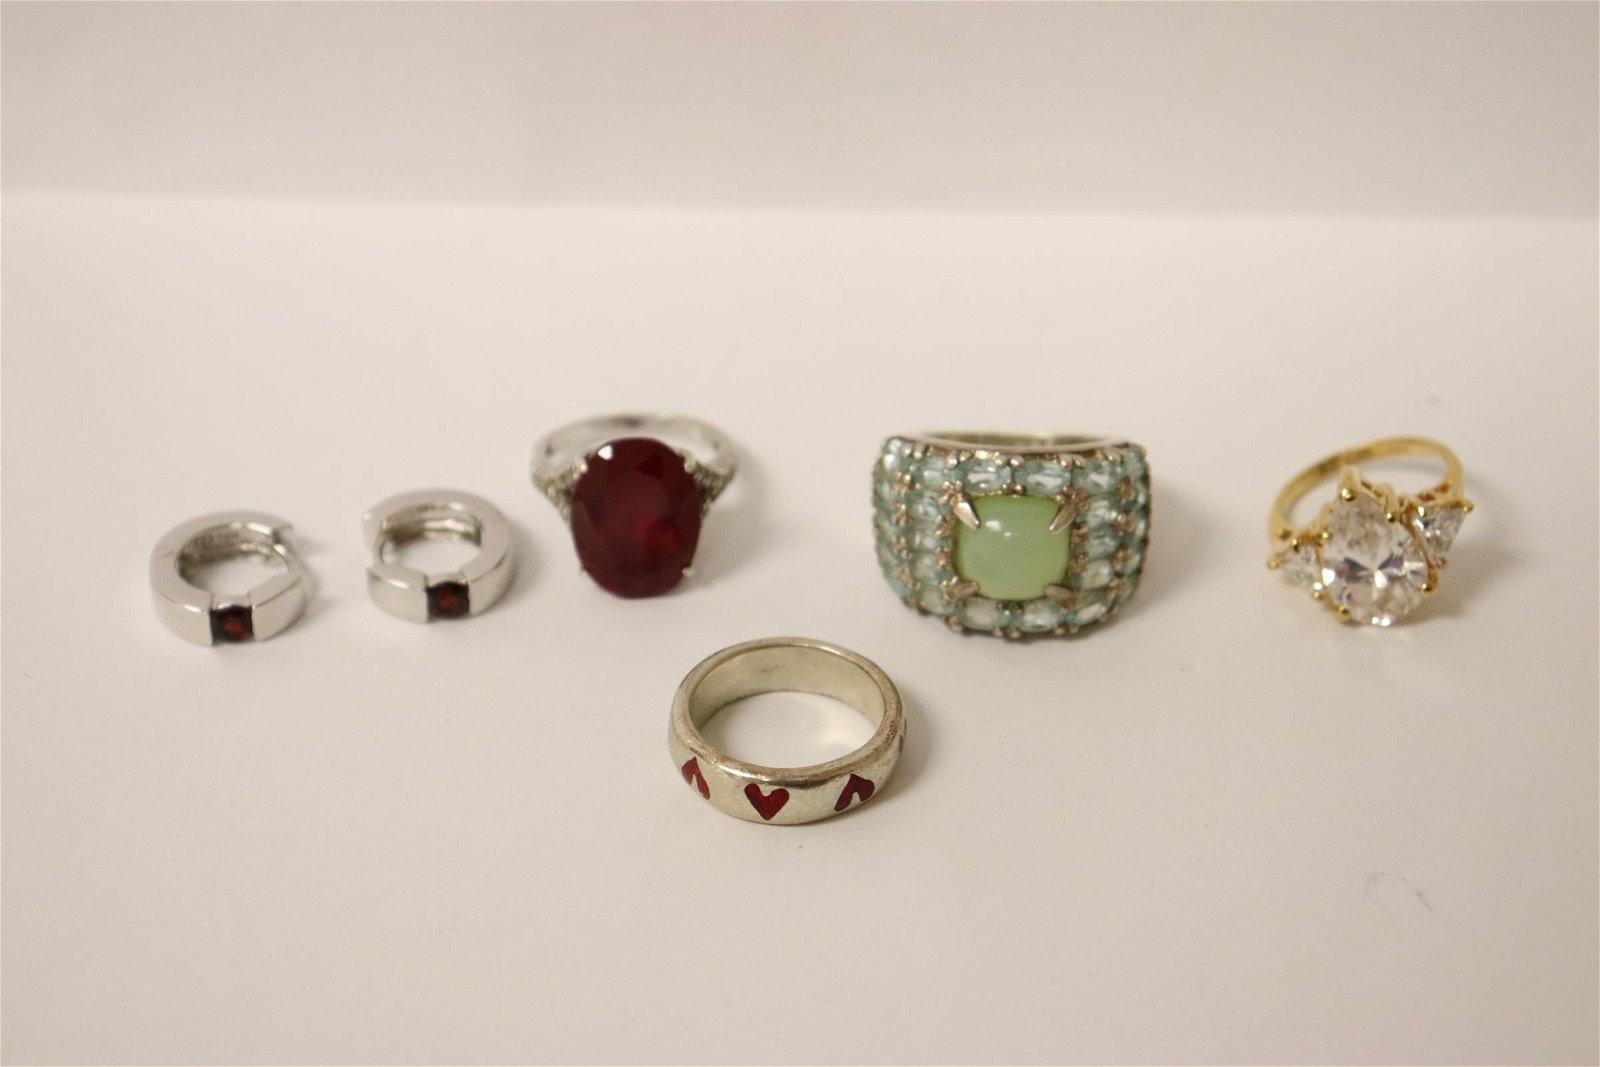 4 sterling rings and pair sterling earrings